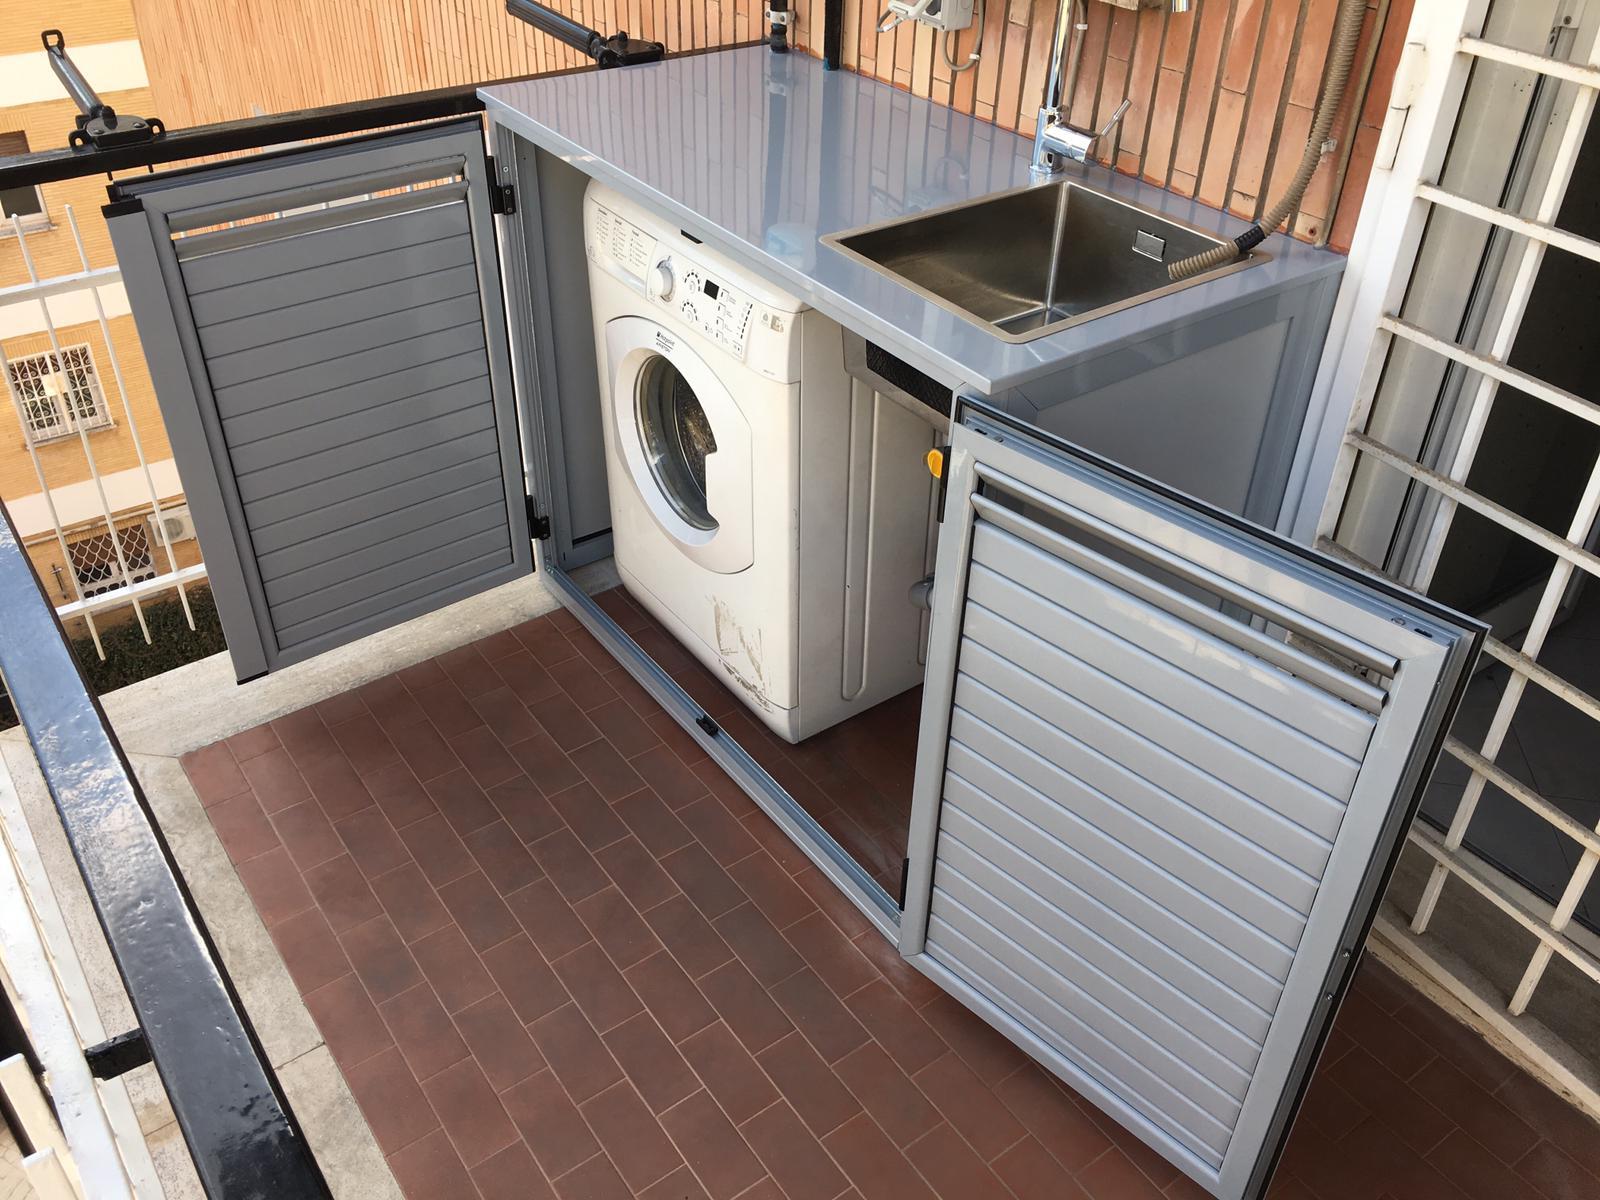 Fotografia di un armadio grigio 7001 coprilavatrice con top in lamiera e lavandino inox a incasso.